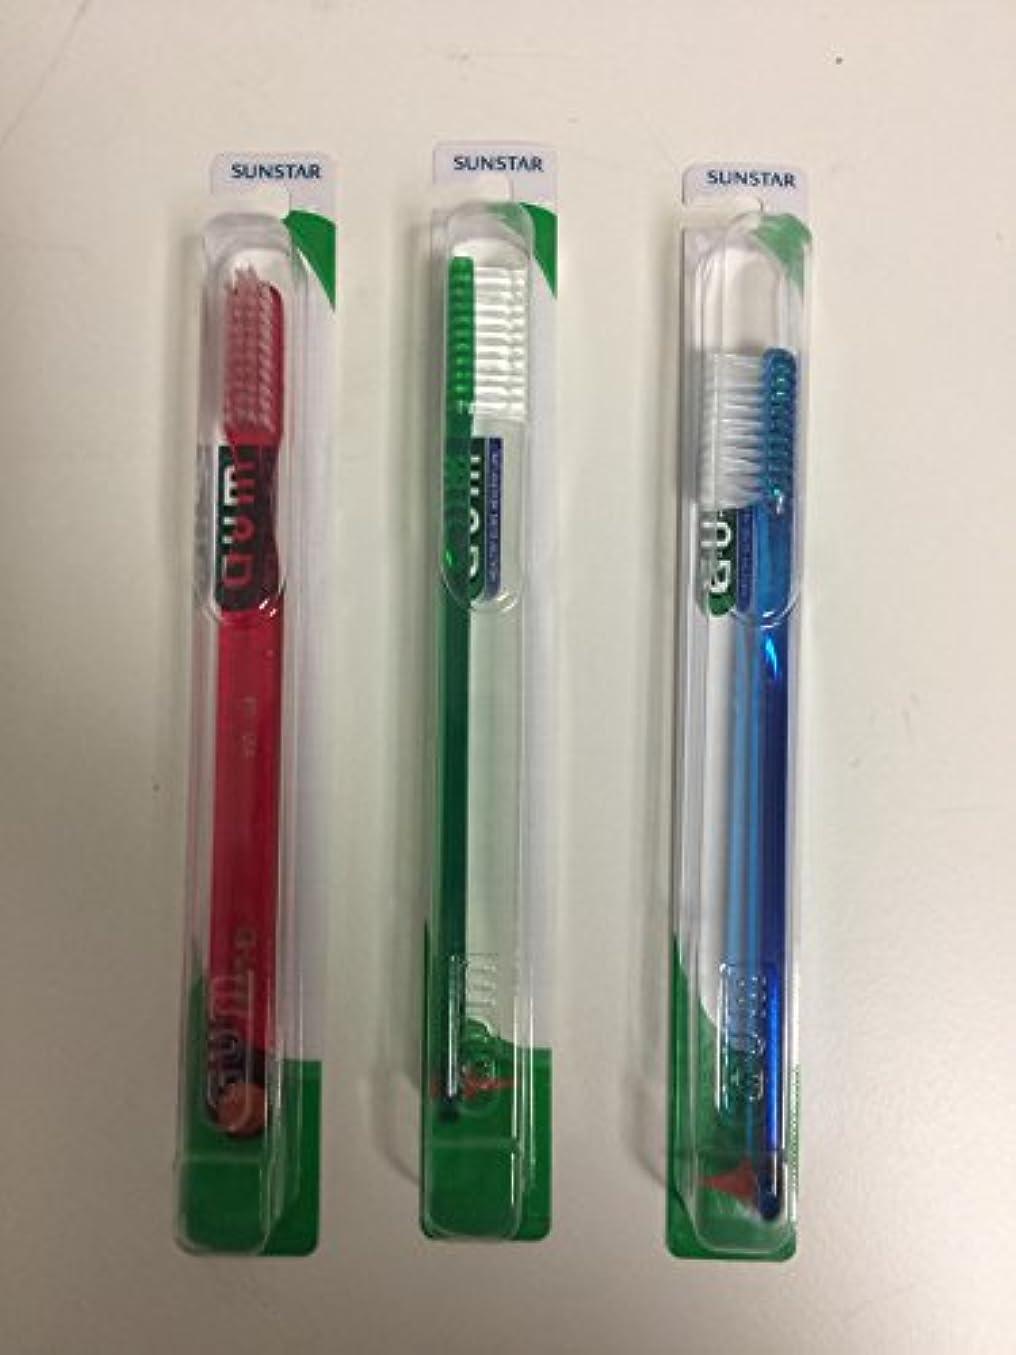 それるファシズム宿るGUM 411 Classic Toothbrush Full - Soft - With Stimulator (3 Pack) by GUM